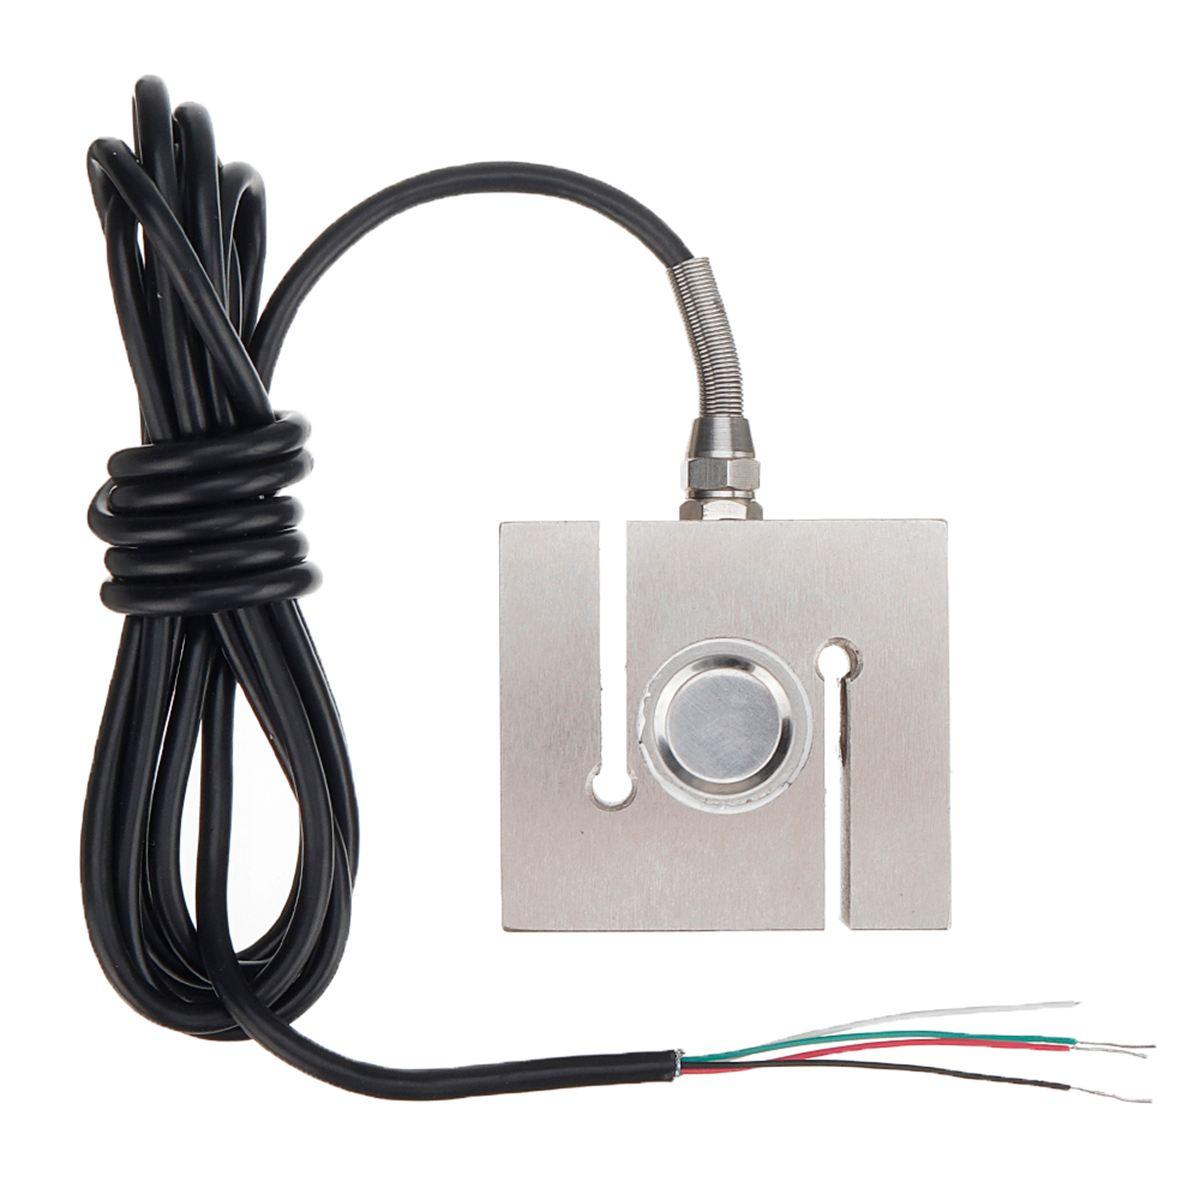 3000 kg escala stype corpo sensor de pressão medidor de célula de carga sensor de escala elétrica metal sensor de peso medição ferramentas - 6